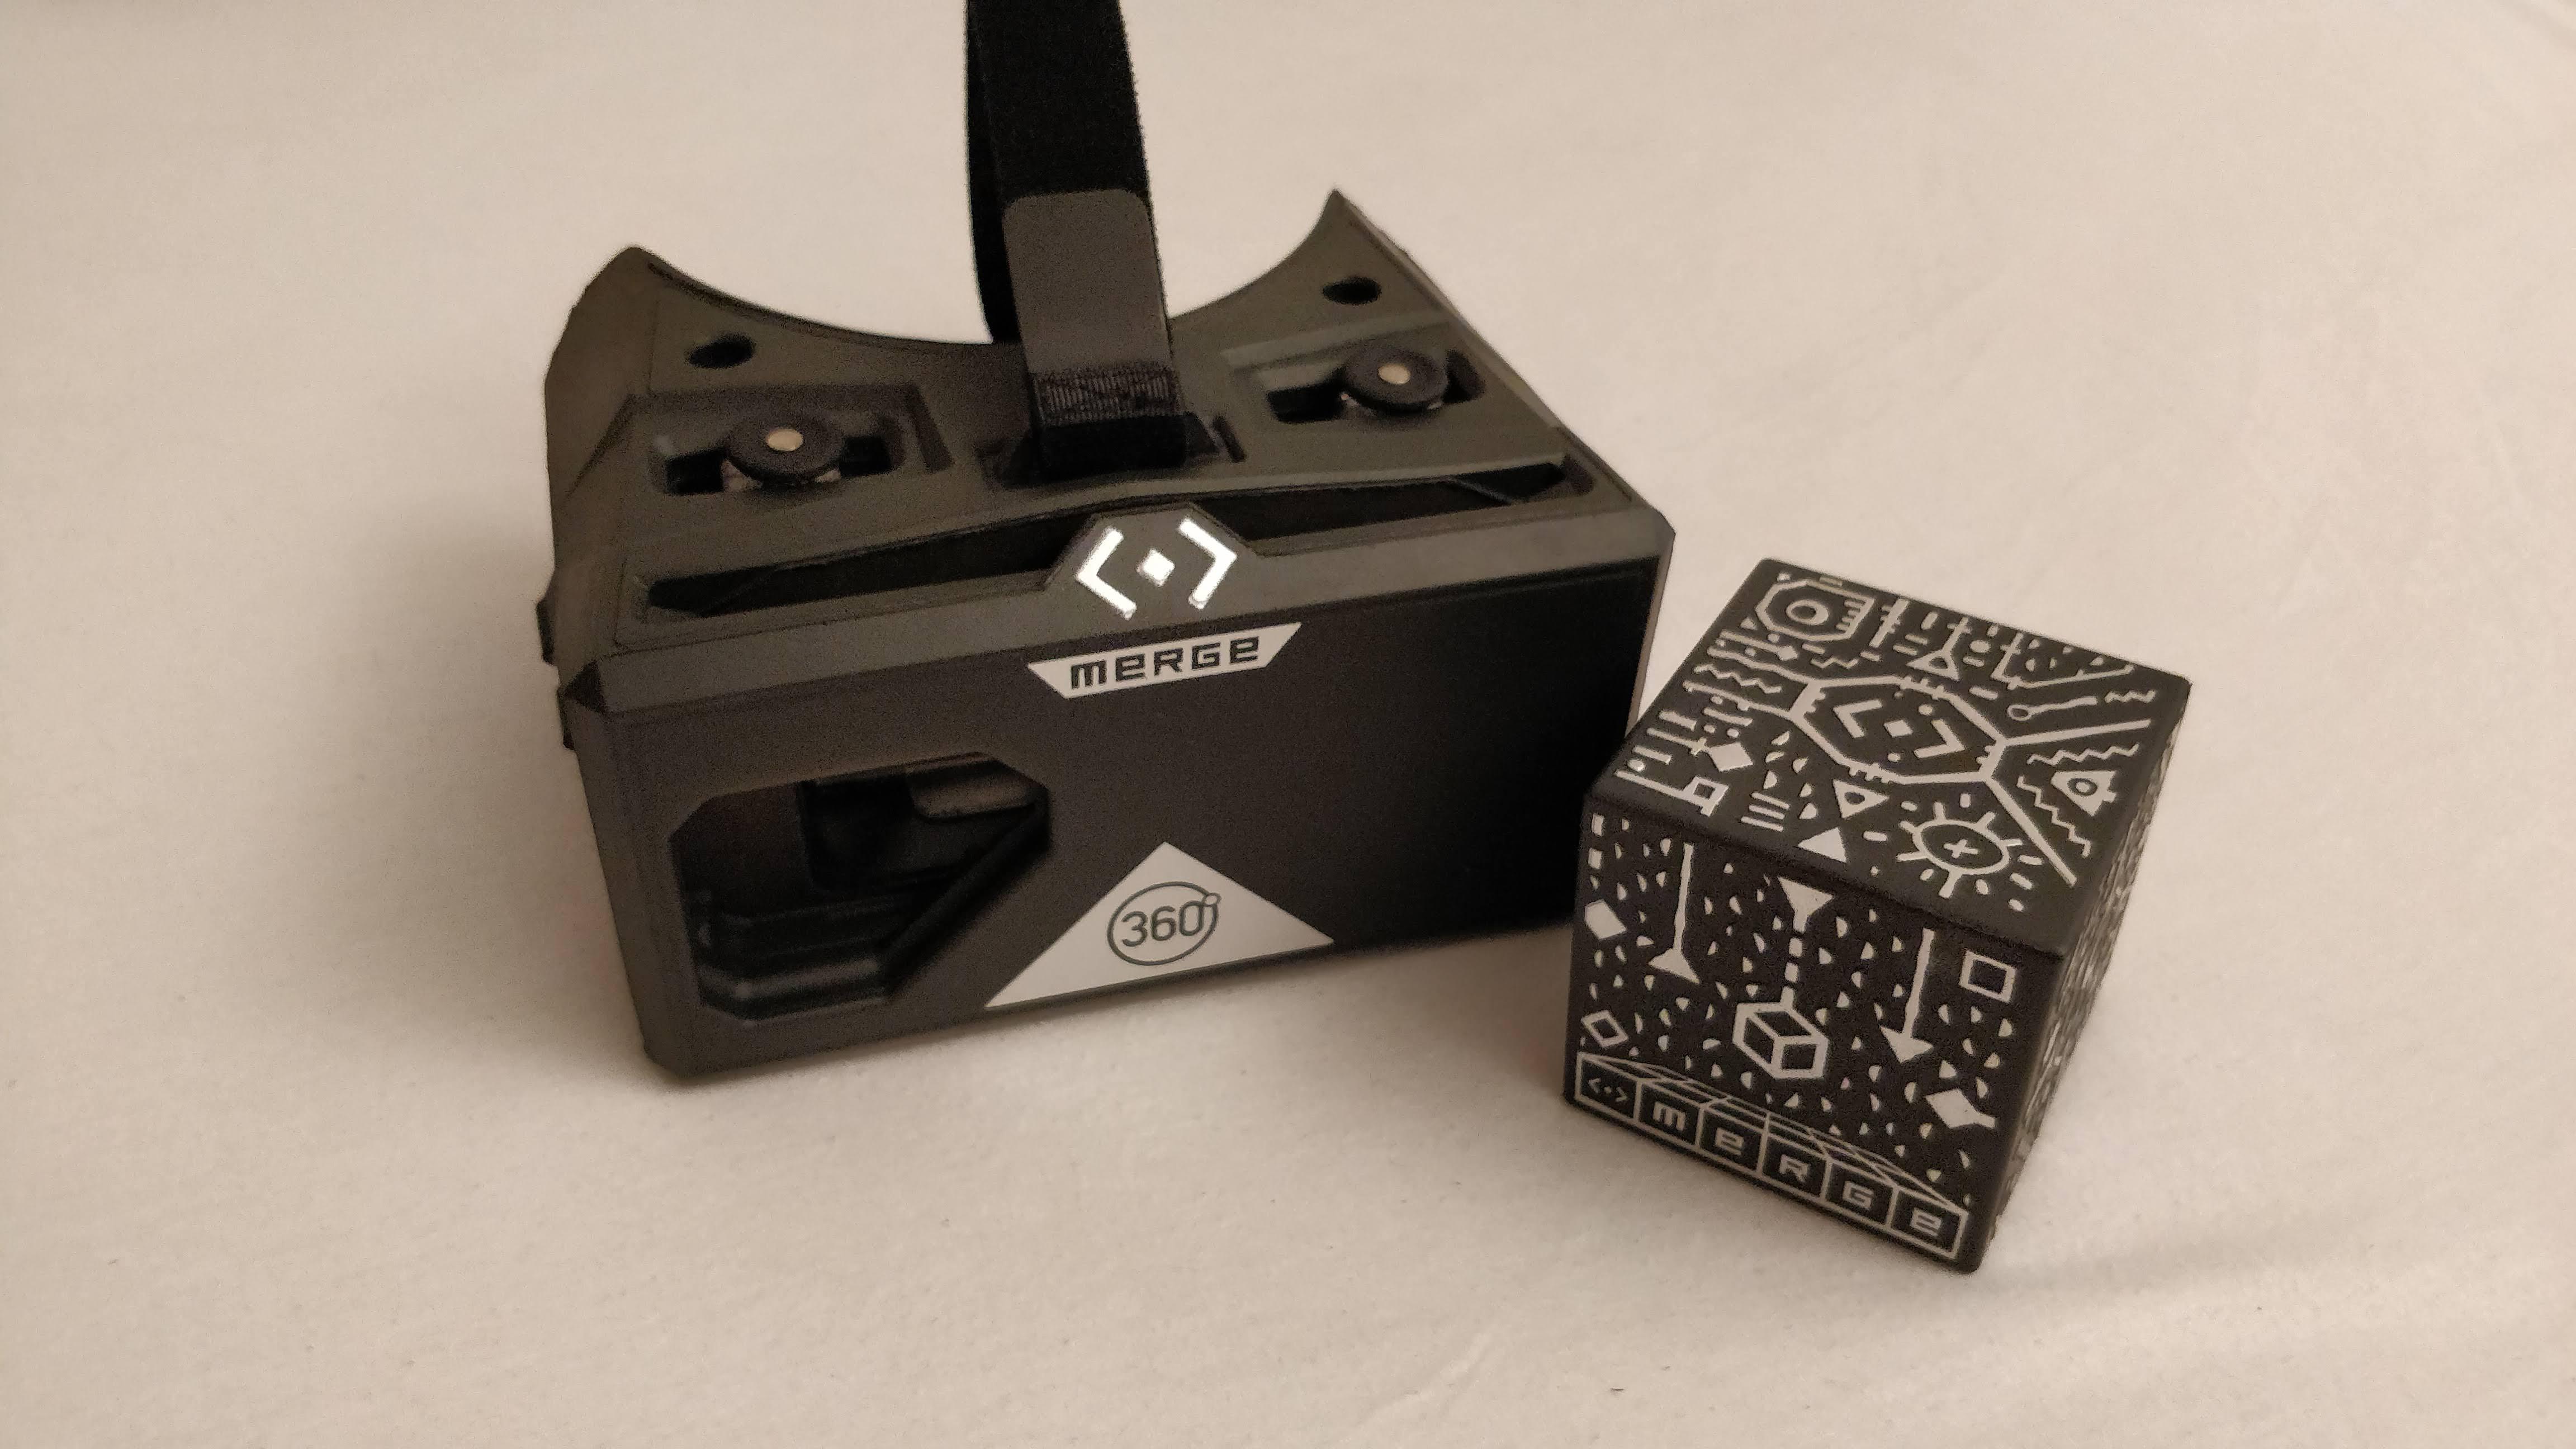 Cardboard Vr Brille Basteln : Einsehen in virtuelle welten merge cube und vr brille im test